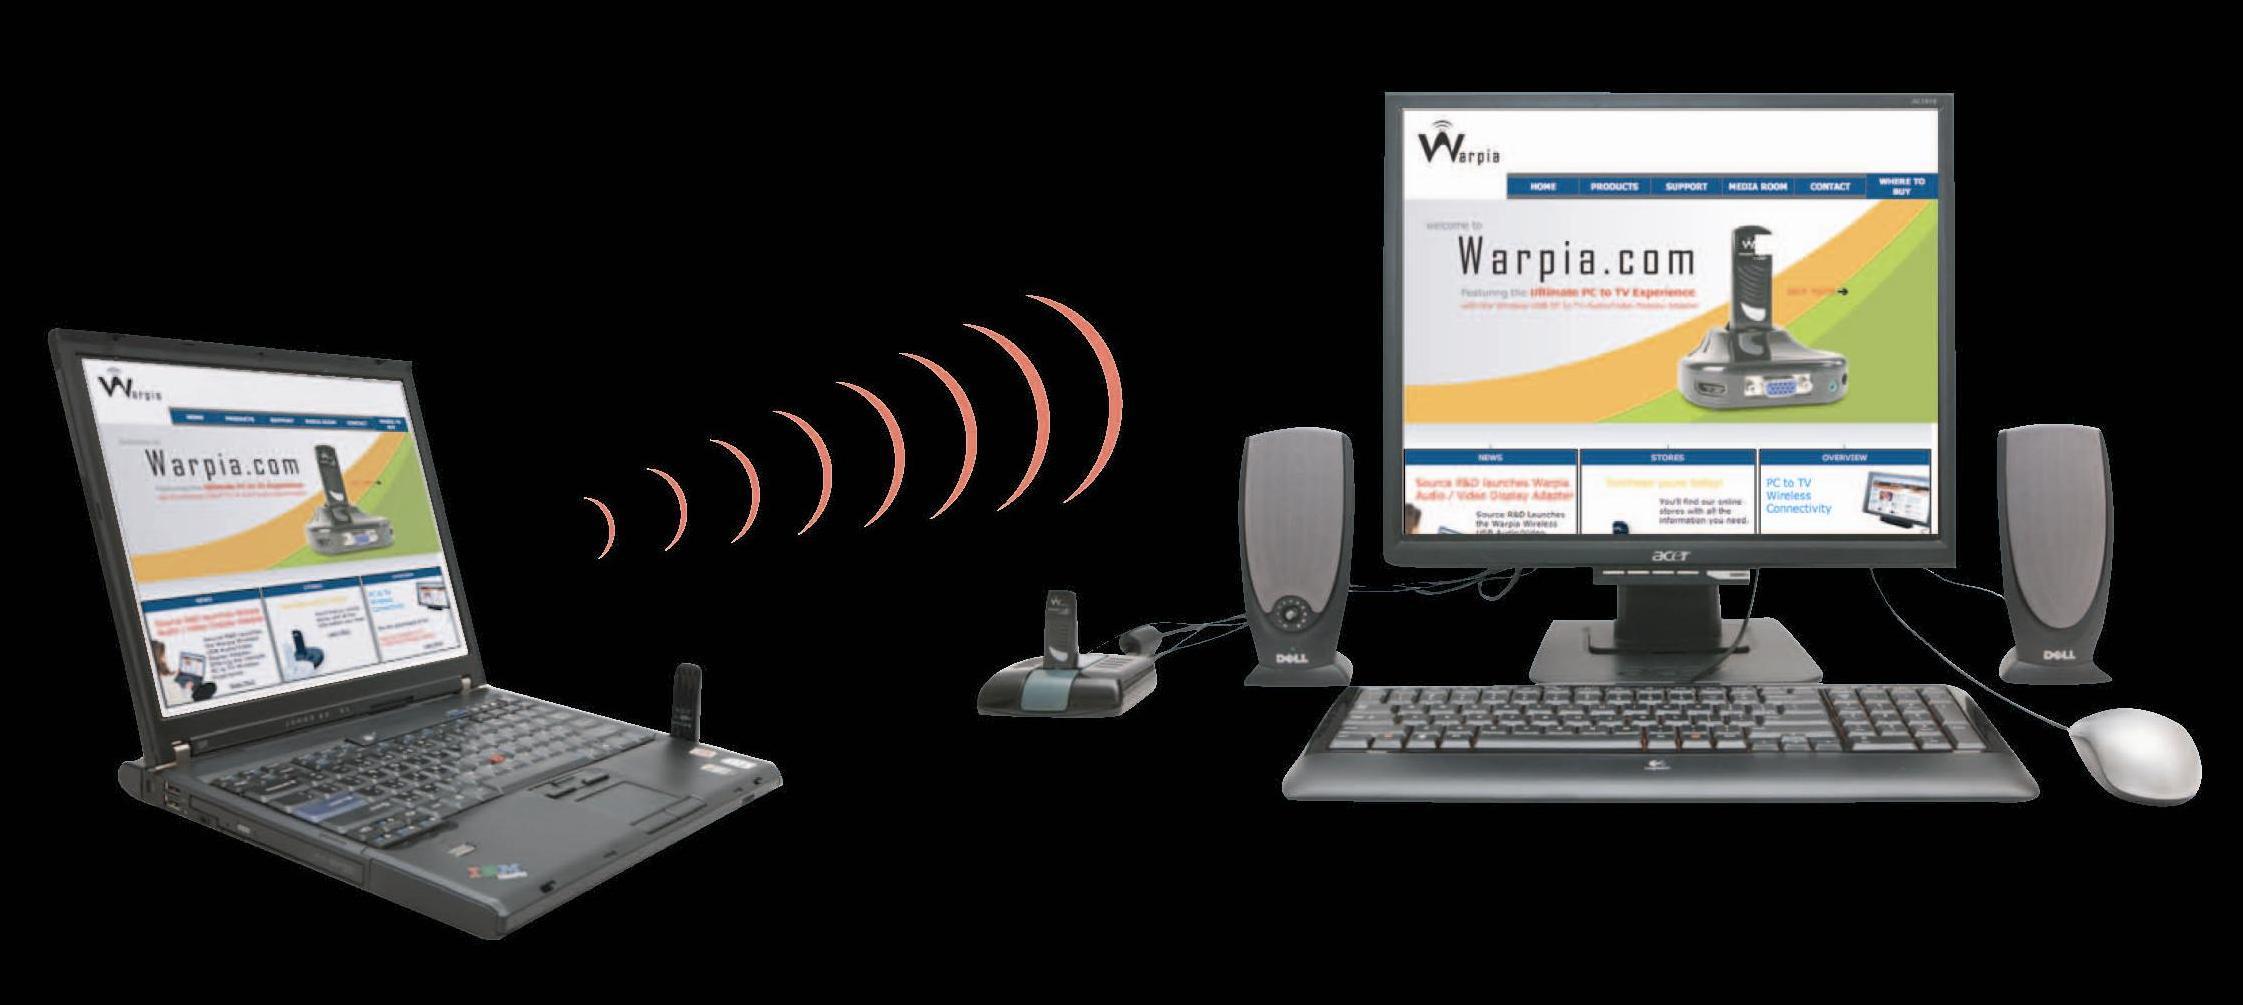 Warpia Debuts Wireless Laptop Docking Station - Mobile 2